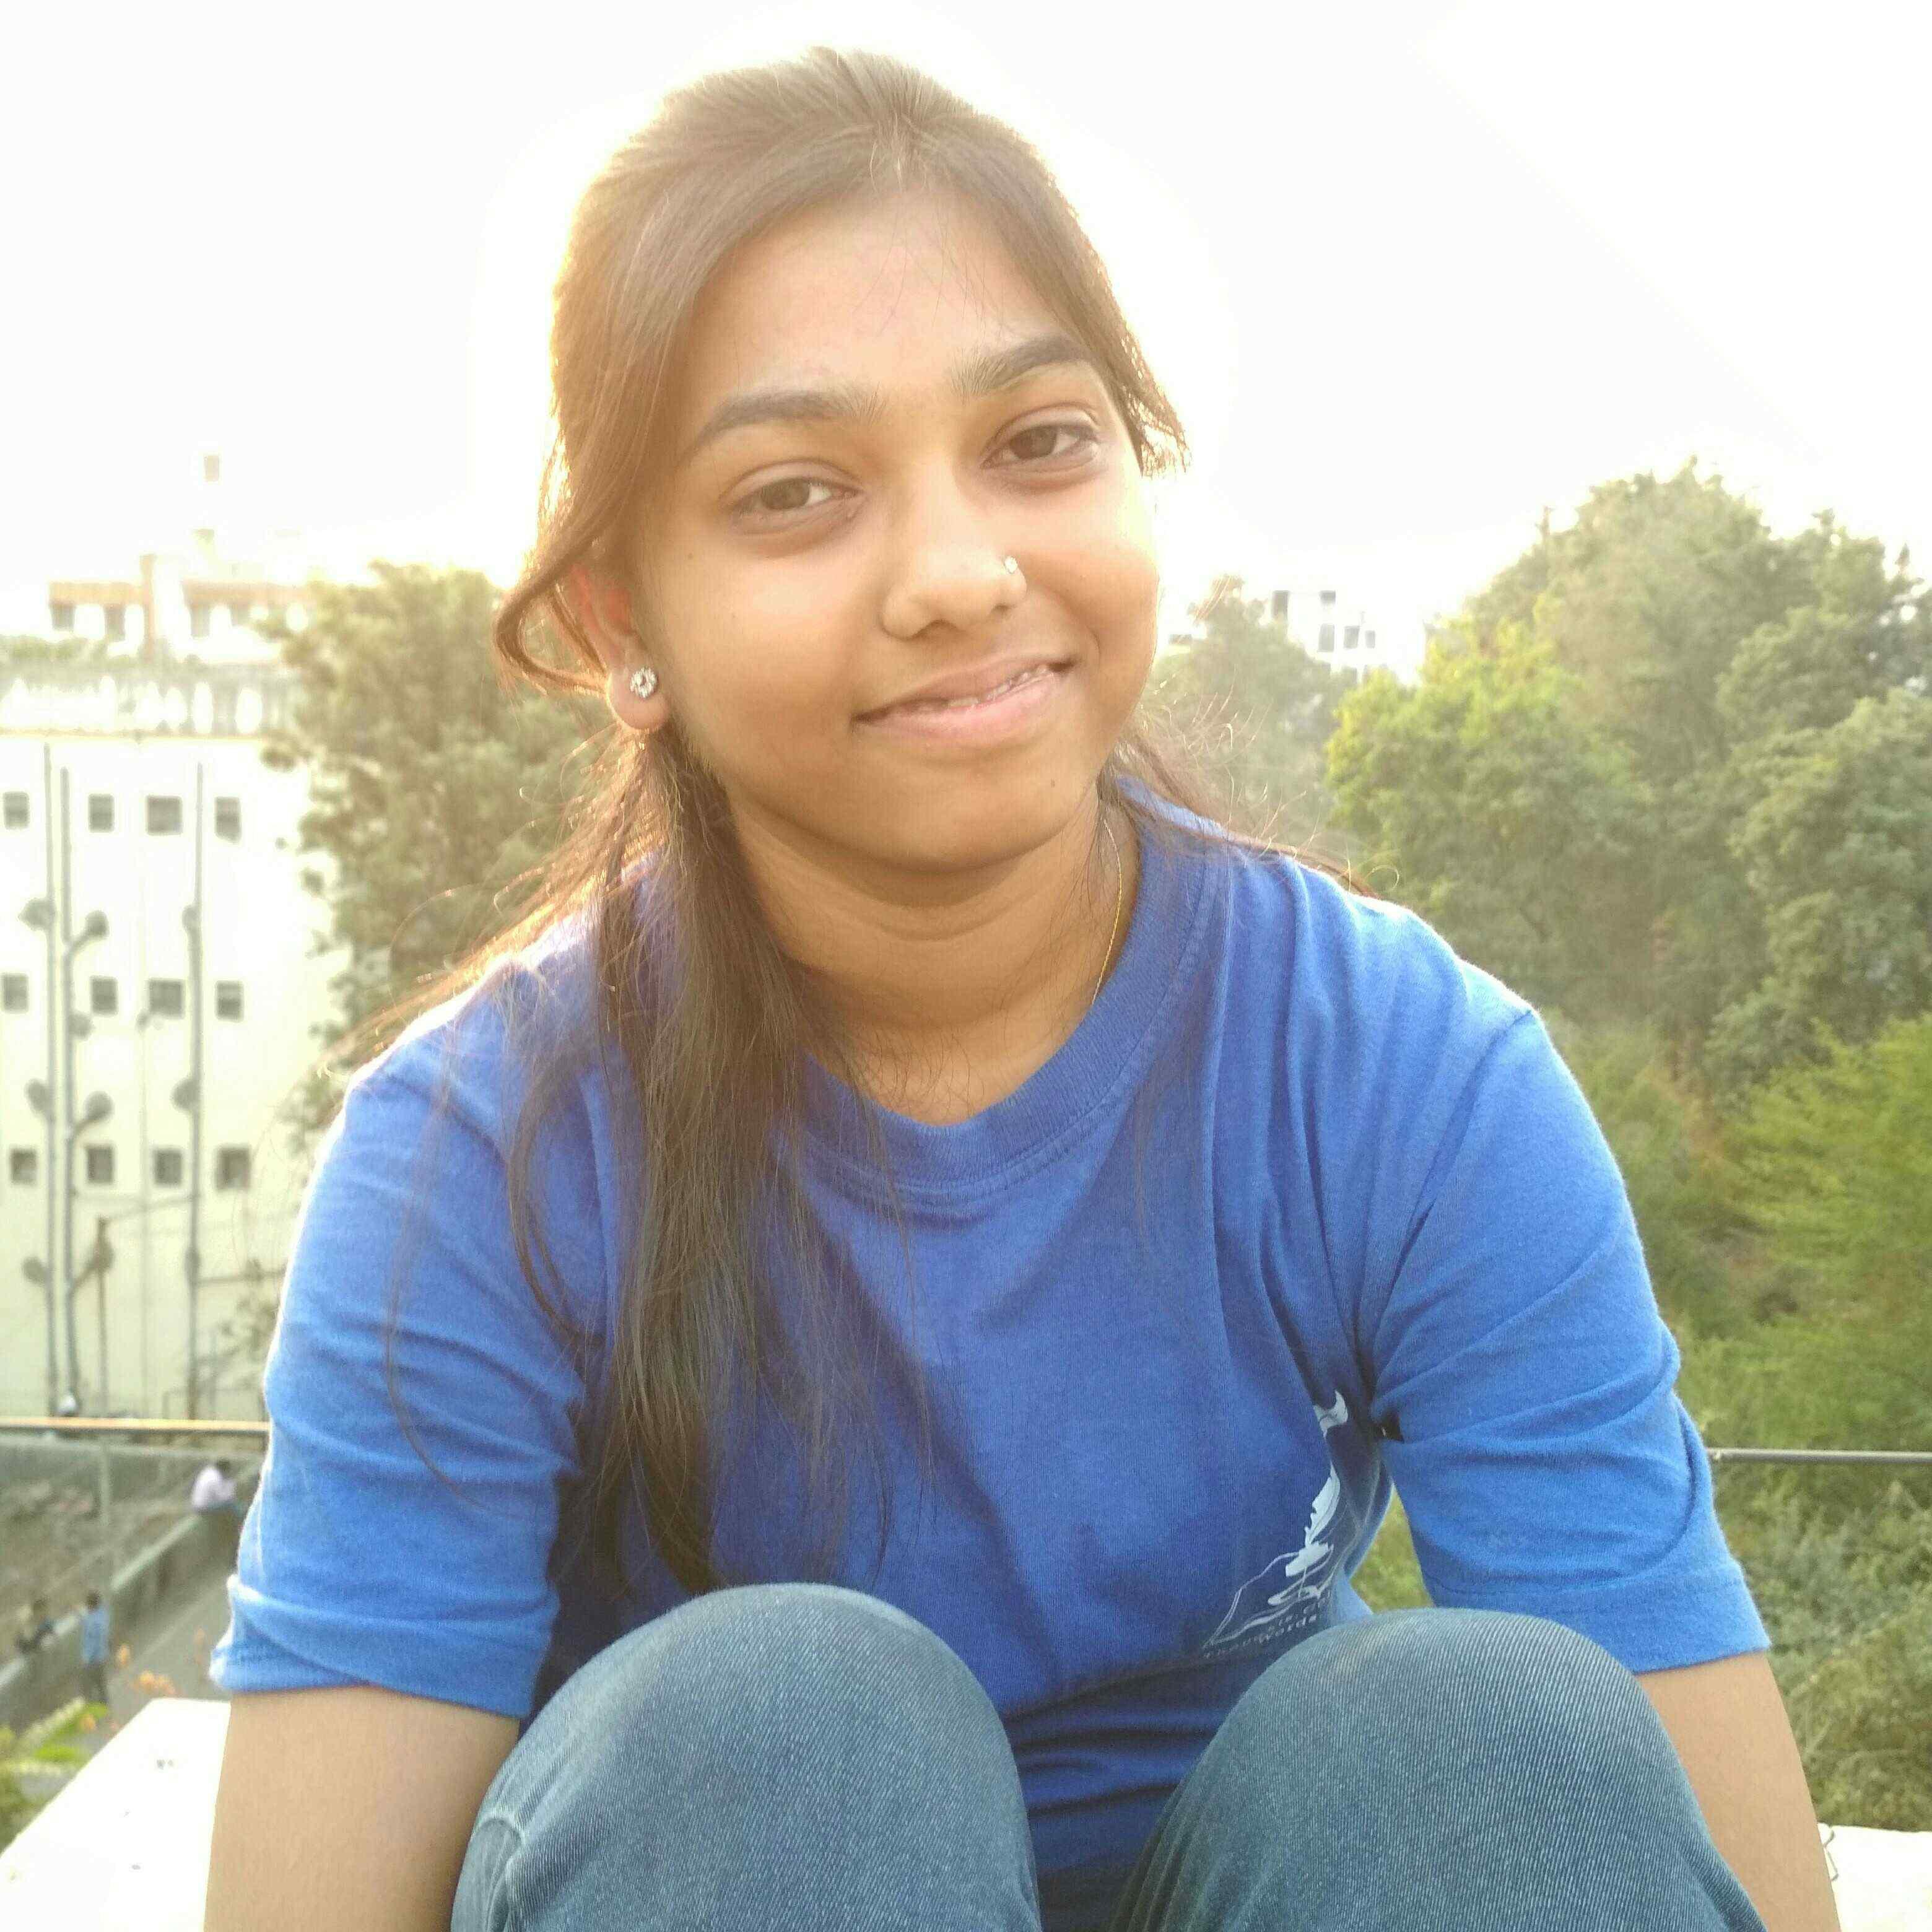 DishaAgrawal दिल की बात बताने की बारी आई है, कुछ लिखने की चाहते लाई है